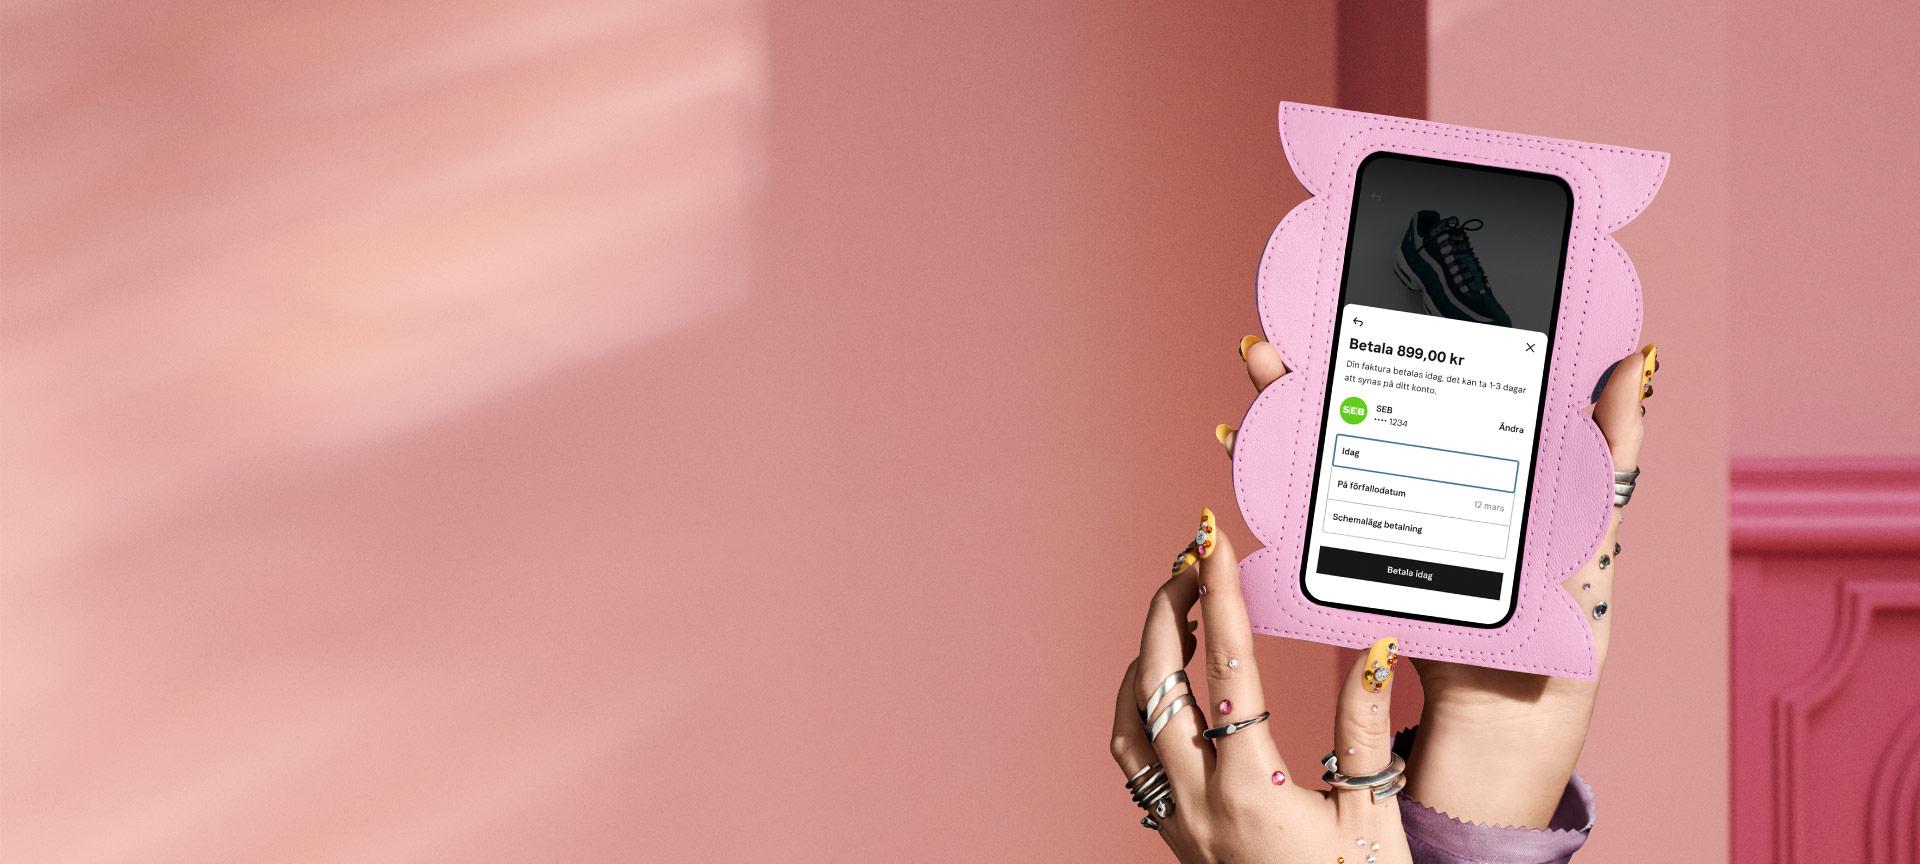 SE Mobile Super App Klarna for Business